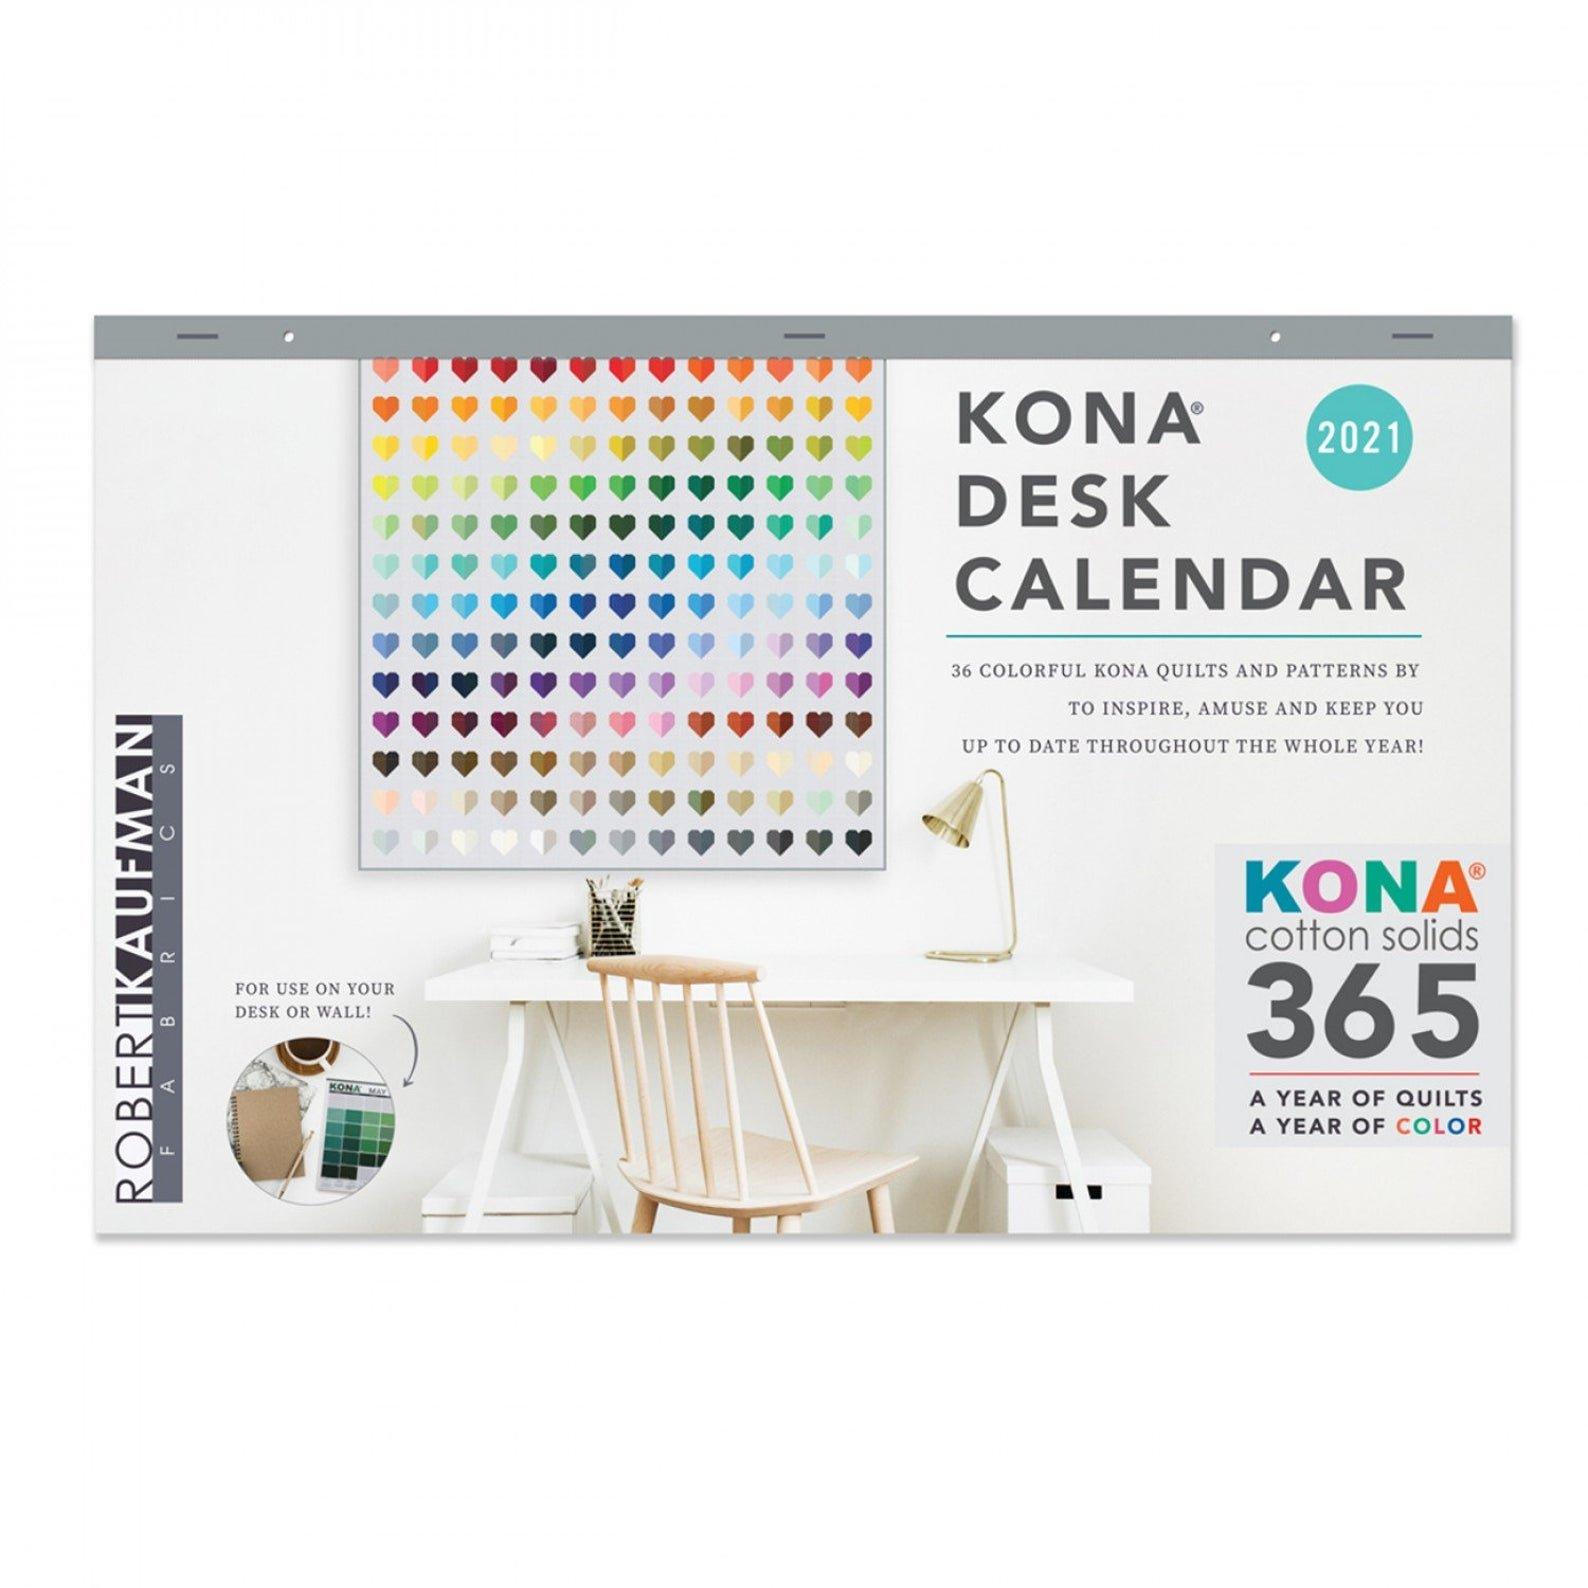 Kona Cotton 2021 Desk Calendar - by Robert Kaufman